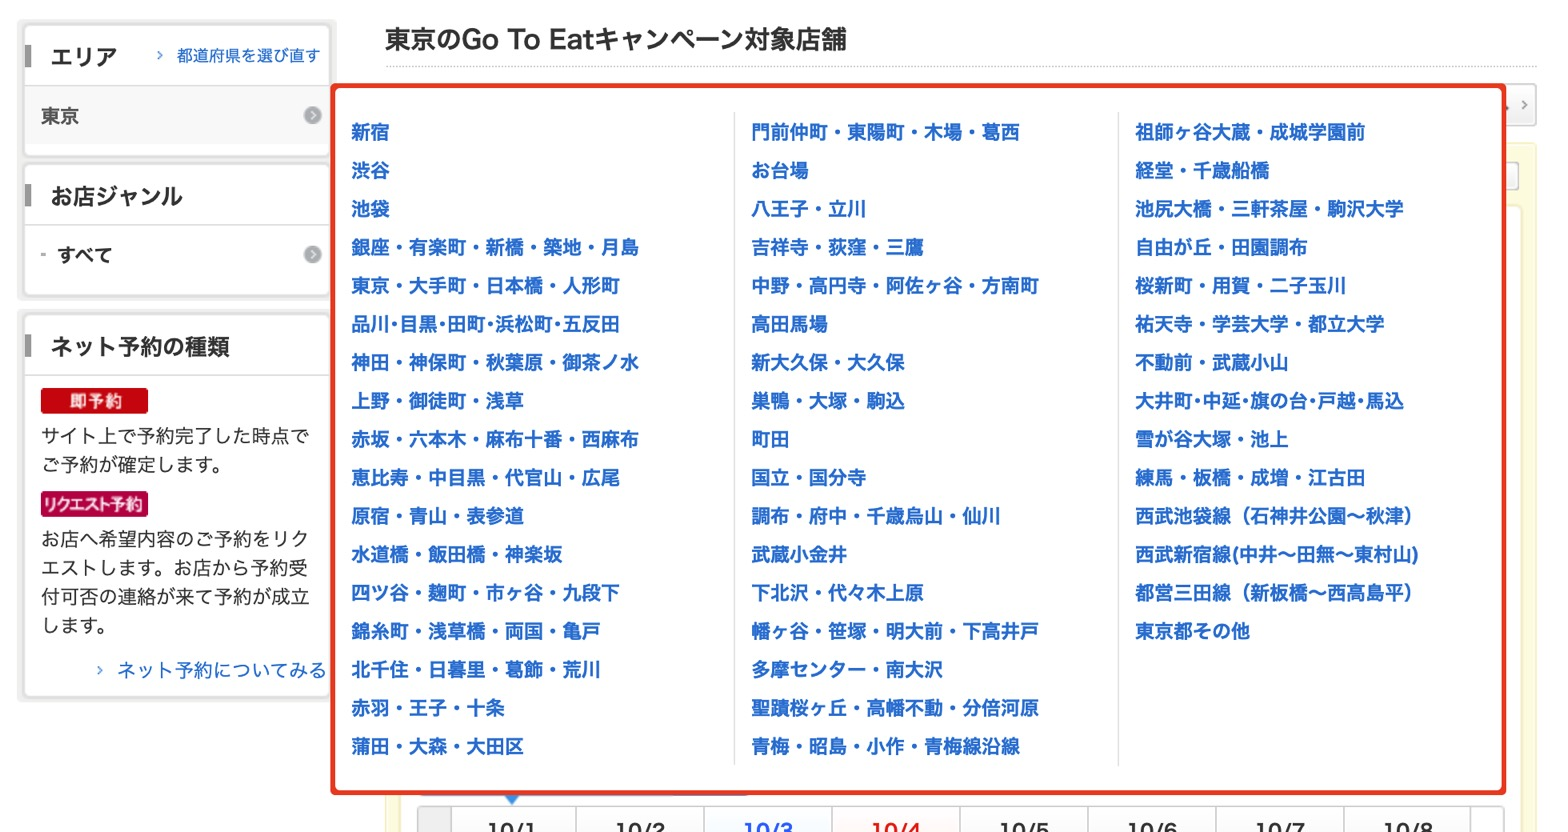 HOT PEPPER グルメ「GoToEatキャンペーン」:東京の対象店舗